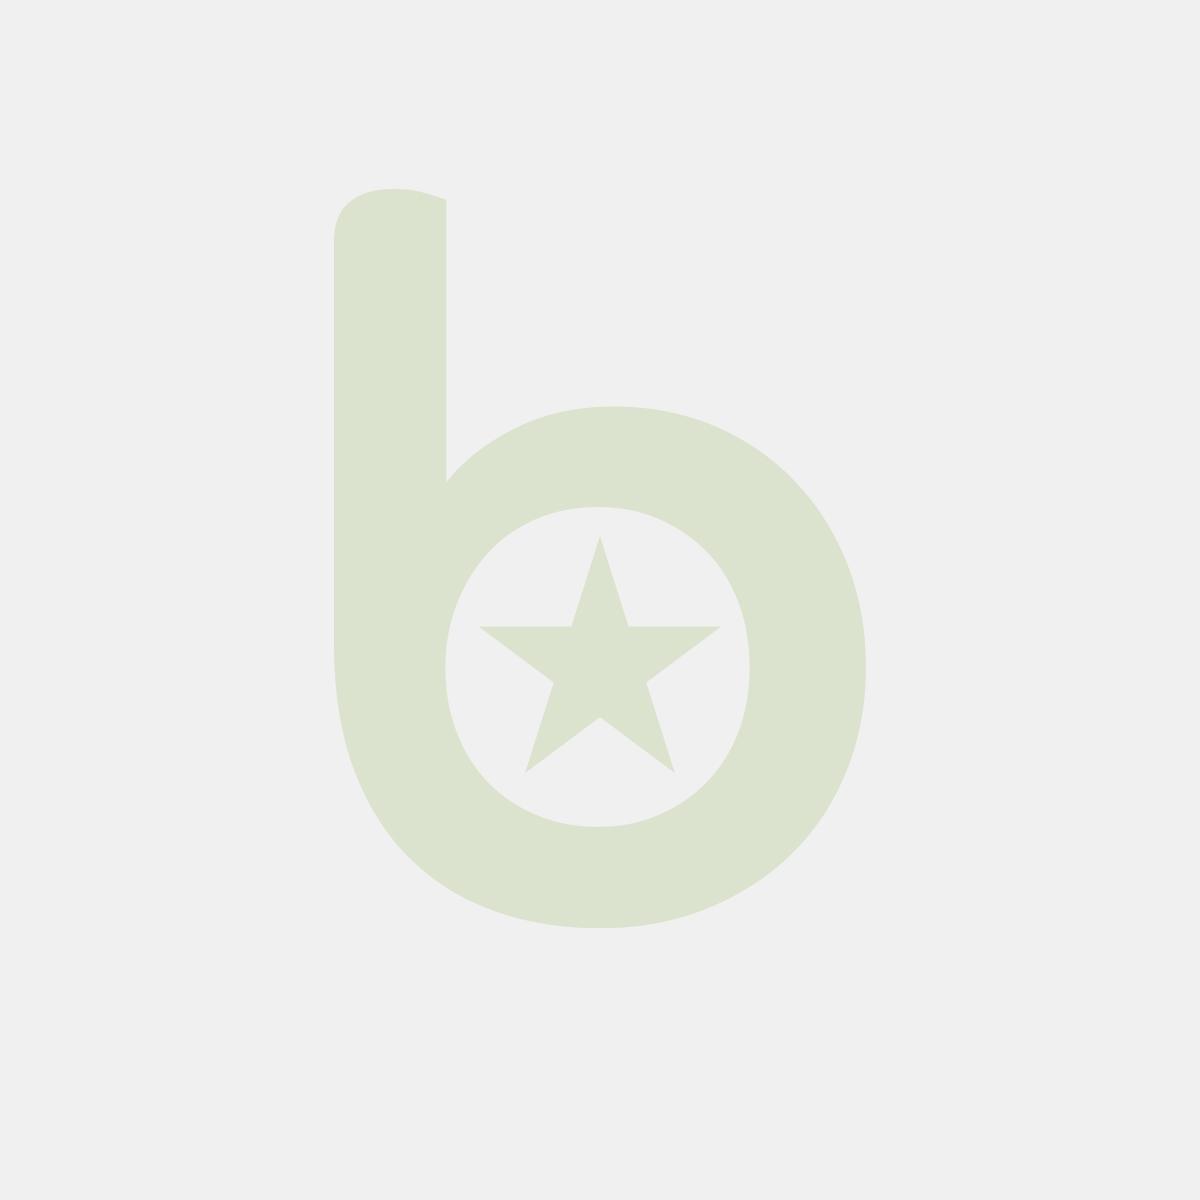 FINGERFOOD - kieliszek 90ml transparent fi.6,5xh.5,6cm op. 10 sztuk